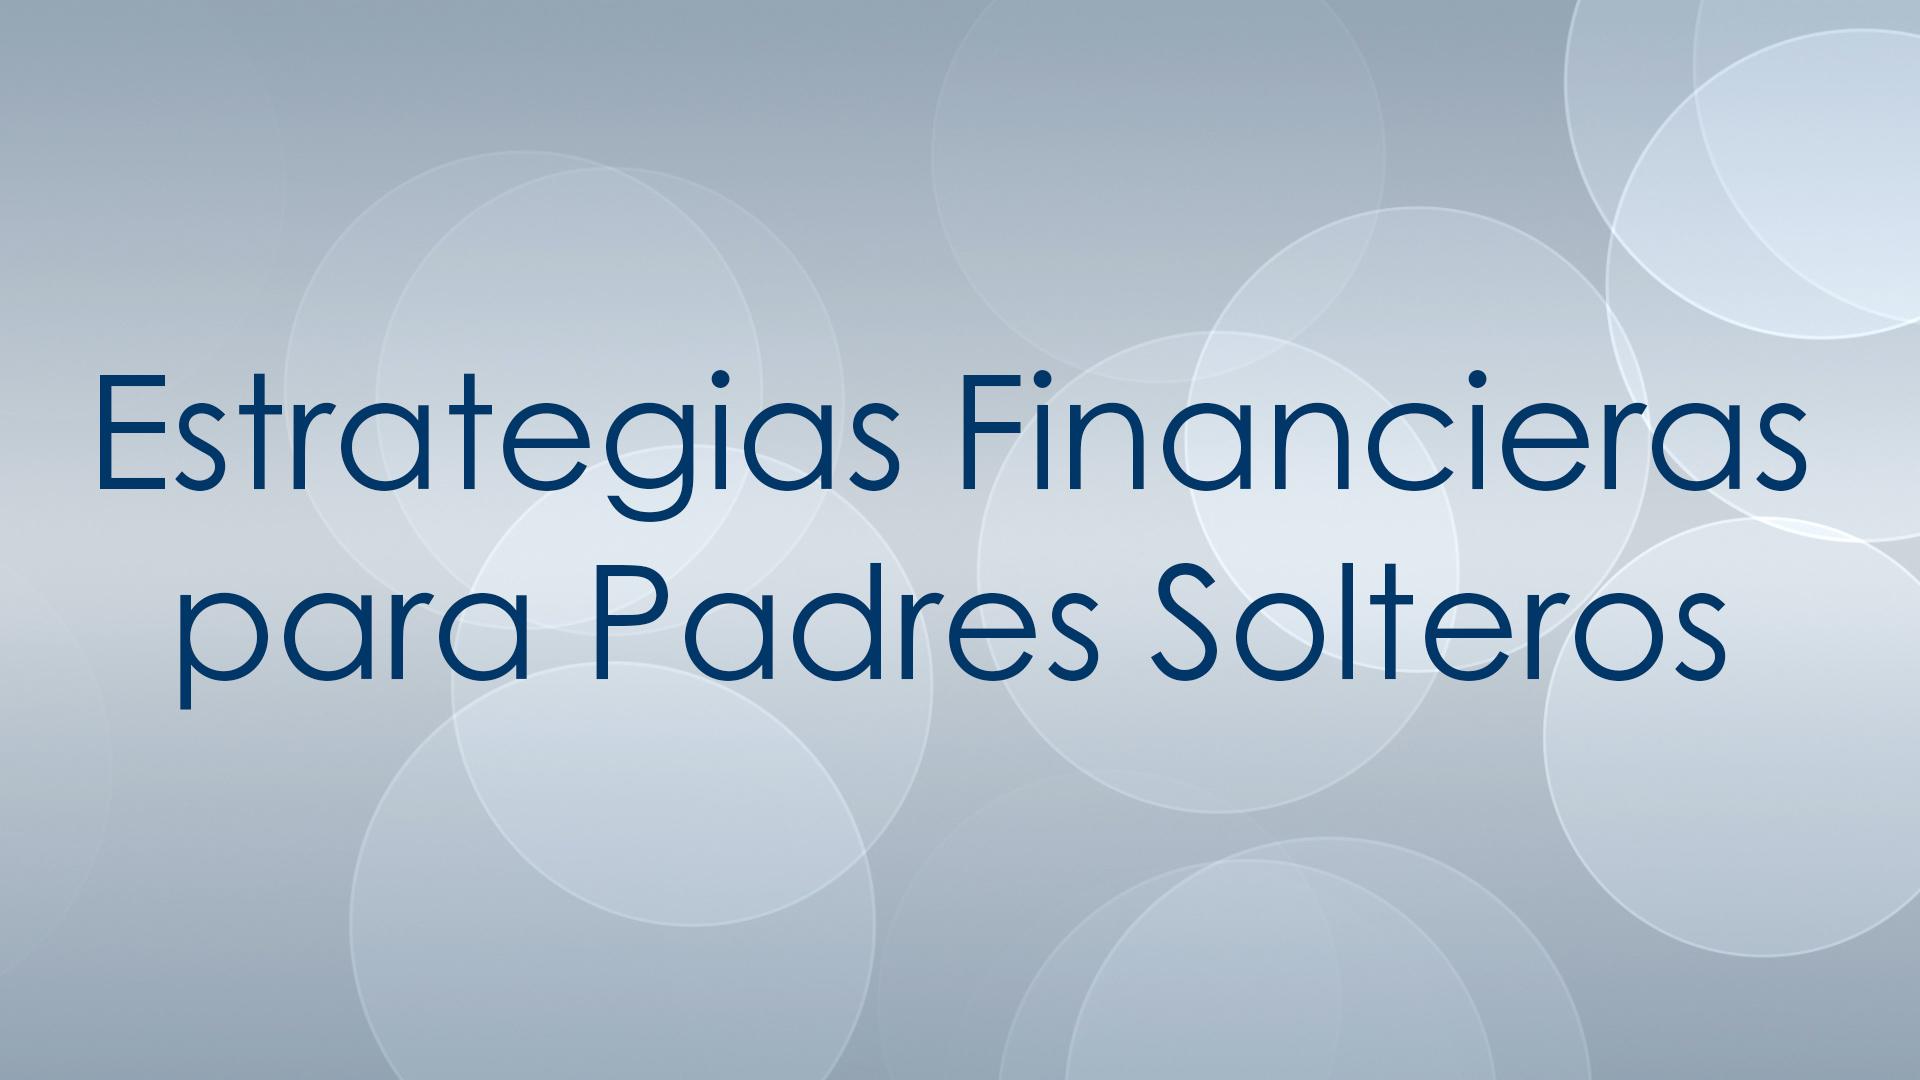 Estrategias Financieras para Padres Solteros